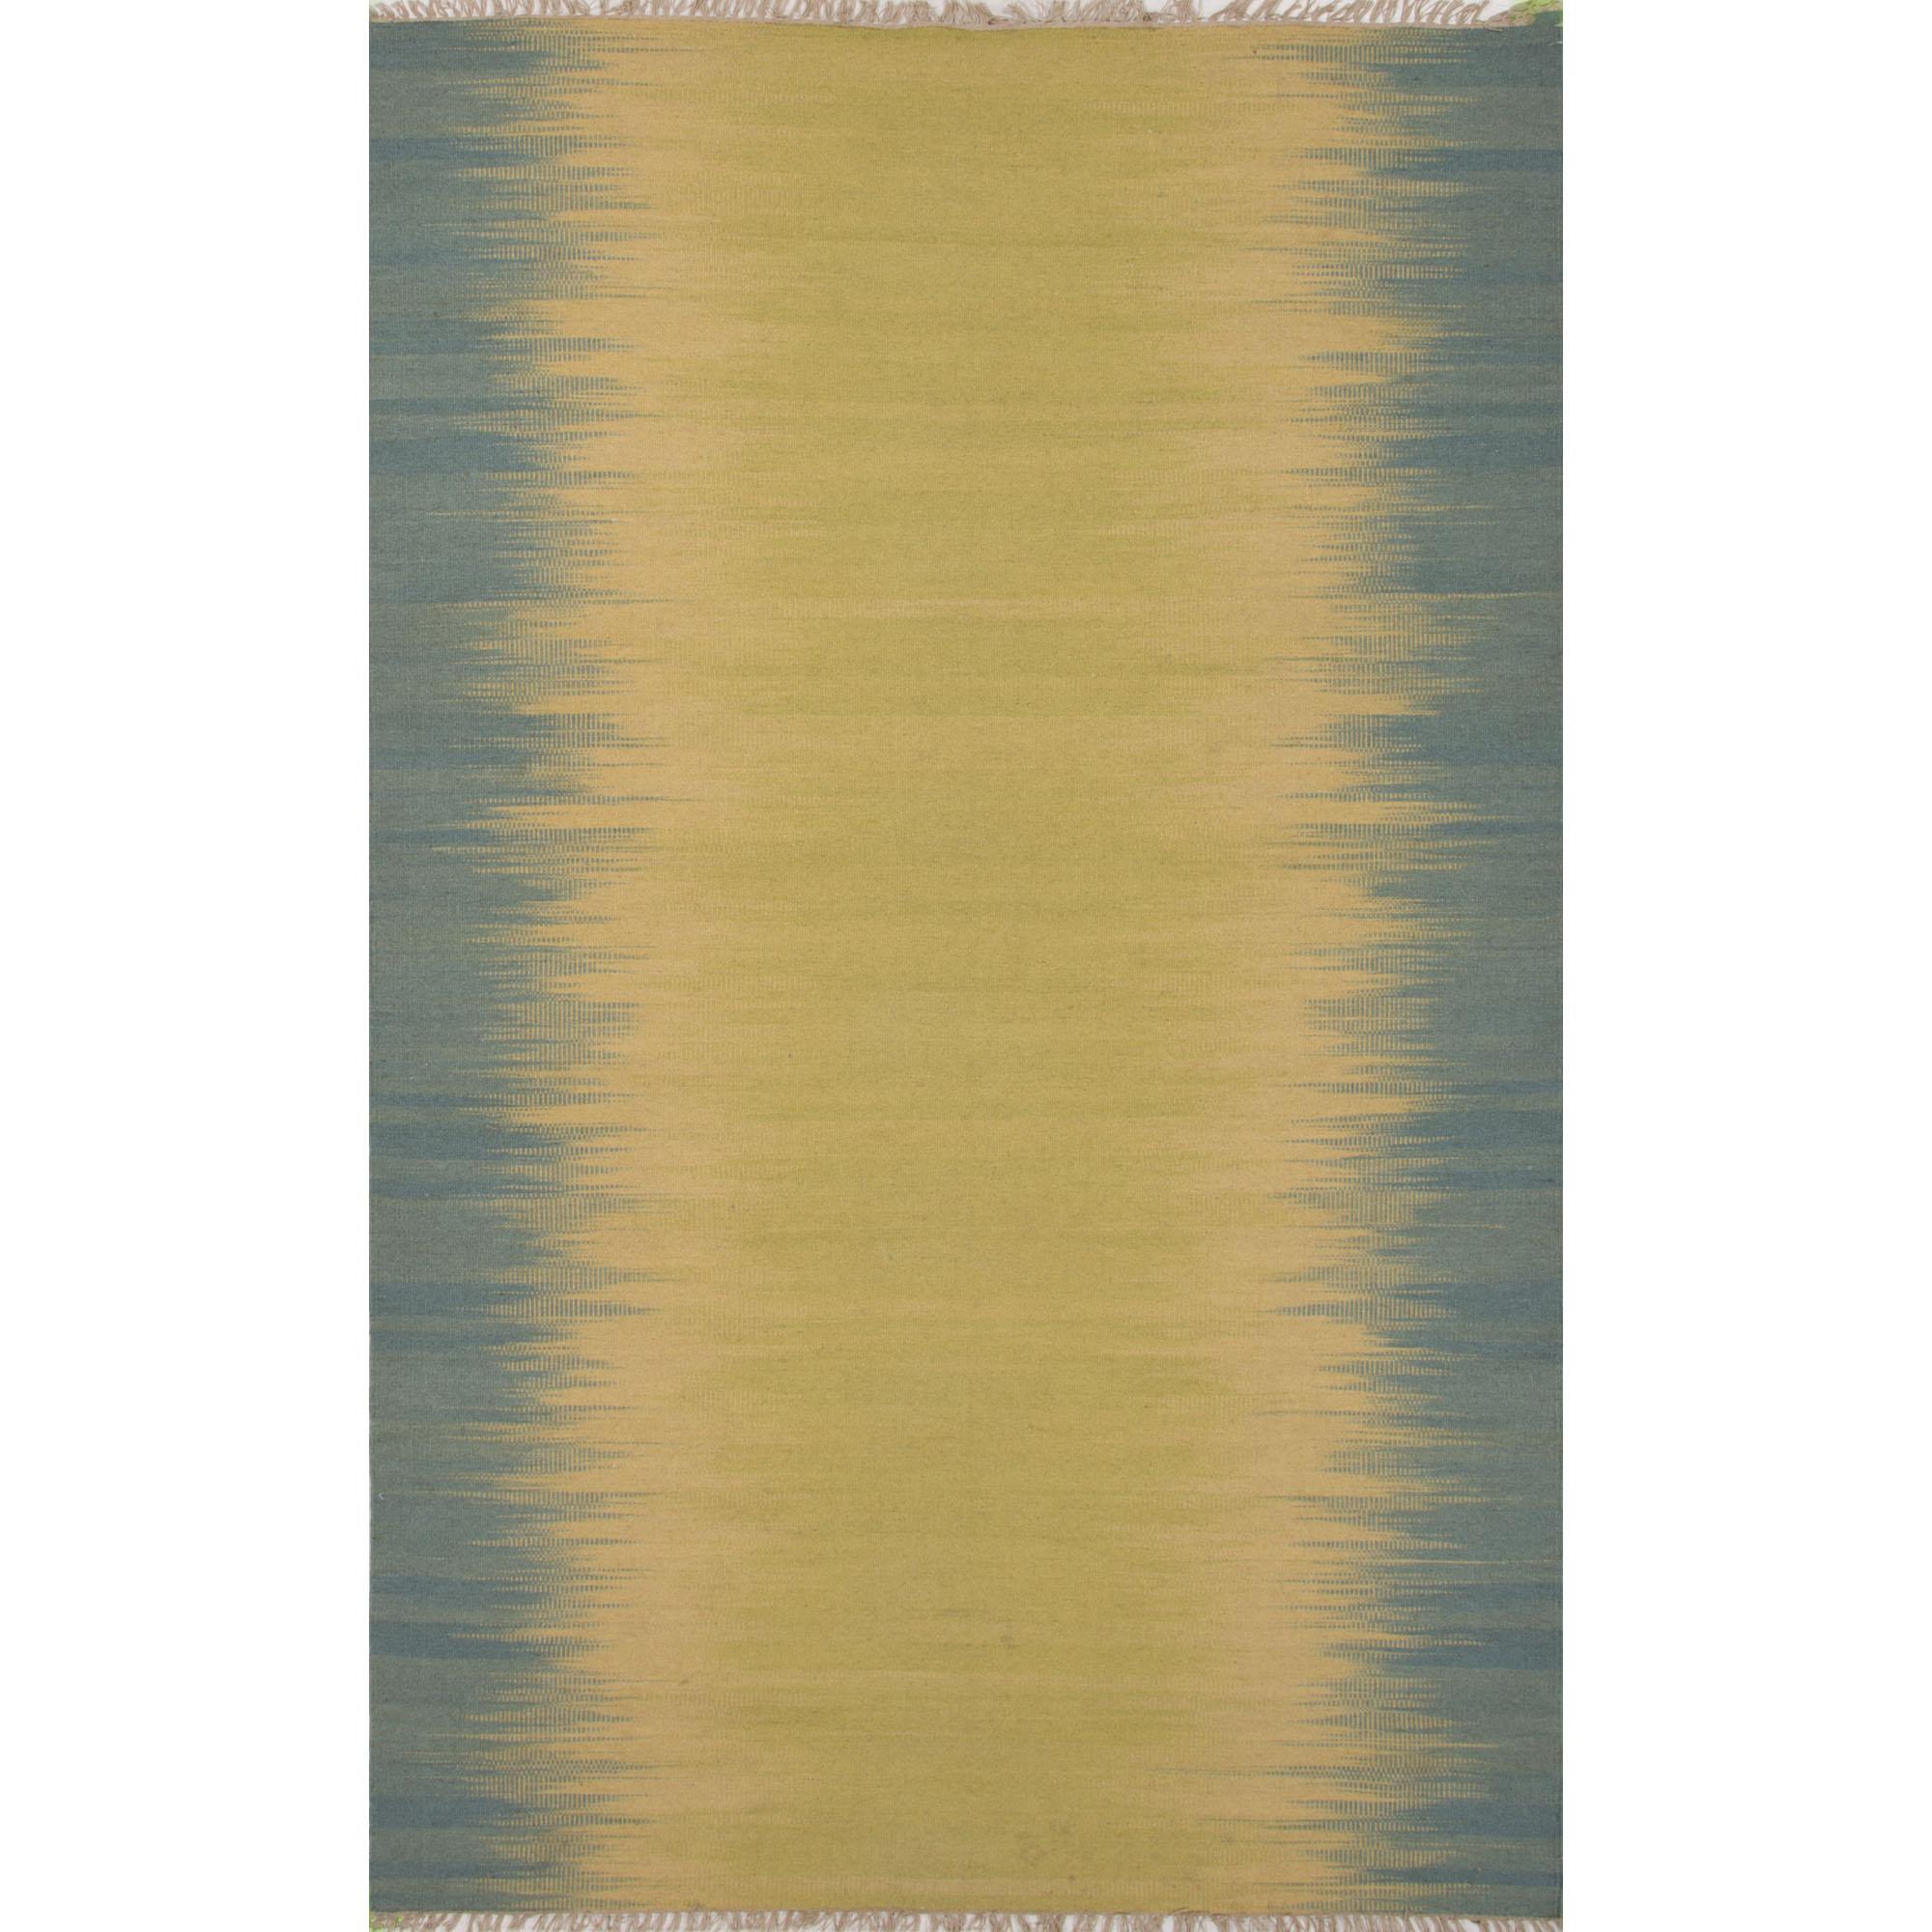 JAIPUR Rugs Spectra 8 x 10 Rug - Item Number: RUG122378